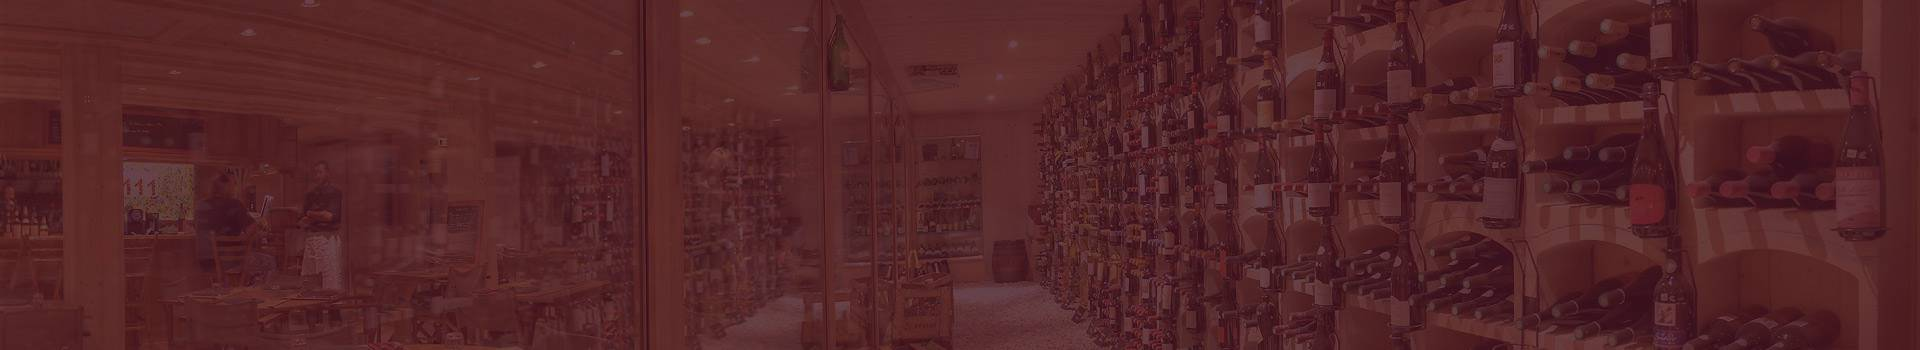 Bloc cellier wijnkelder picla